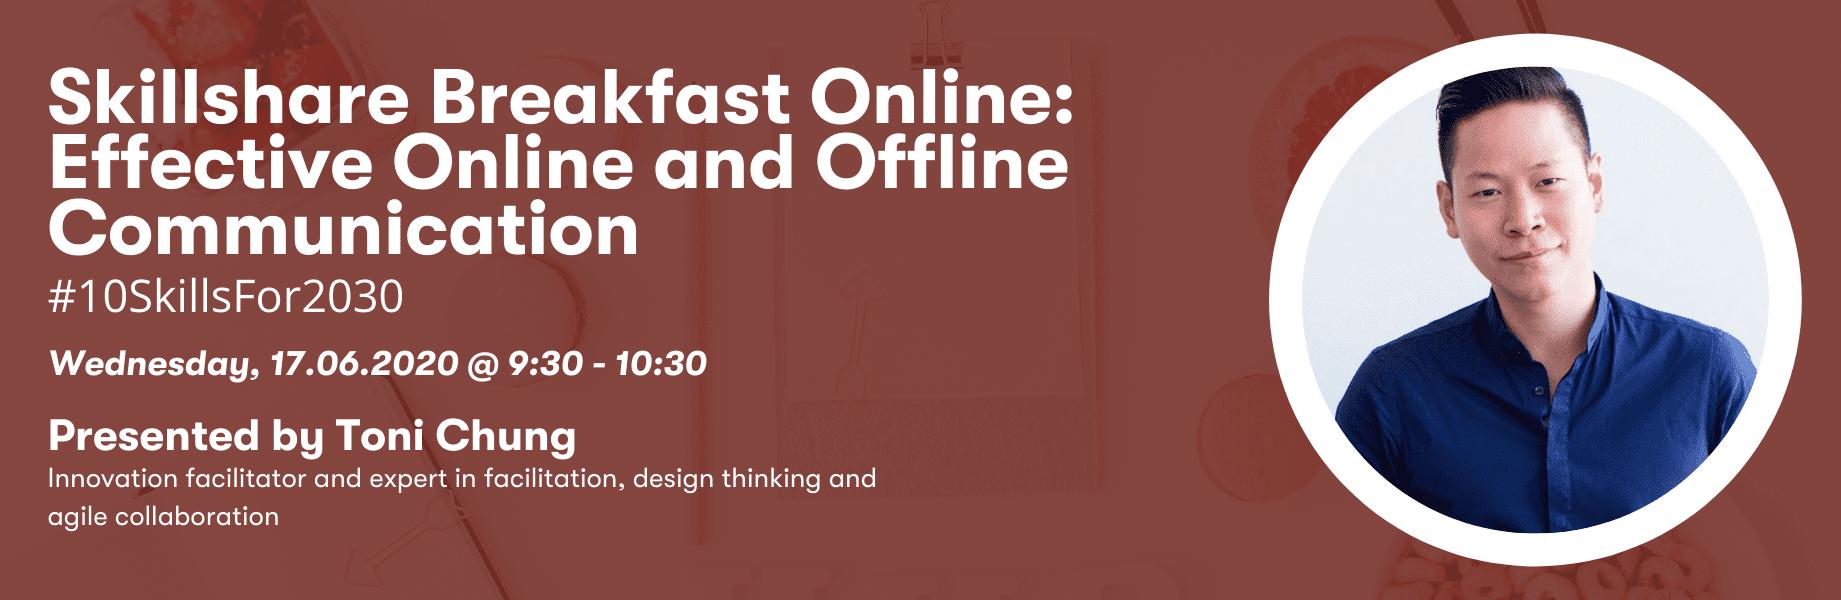 Skillshare Breakfast: Effective Online and Offline Communication